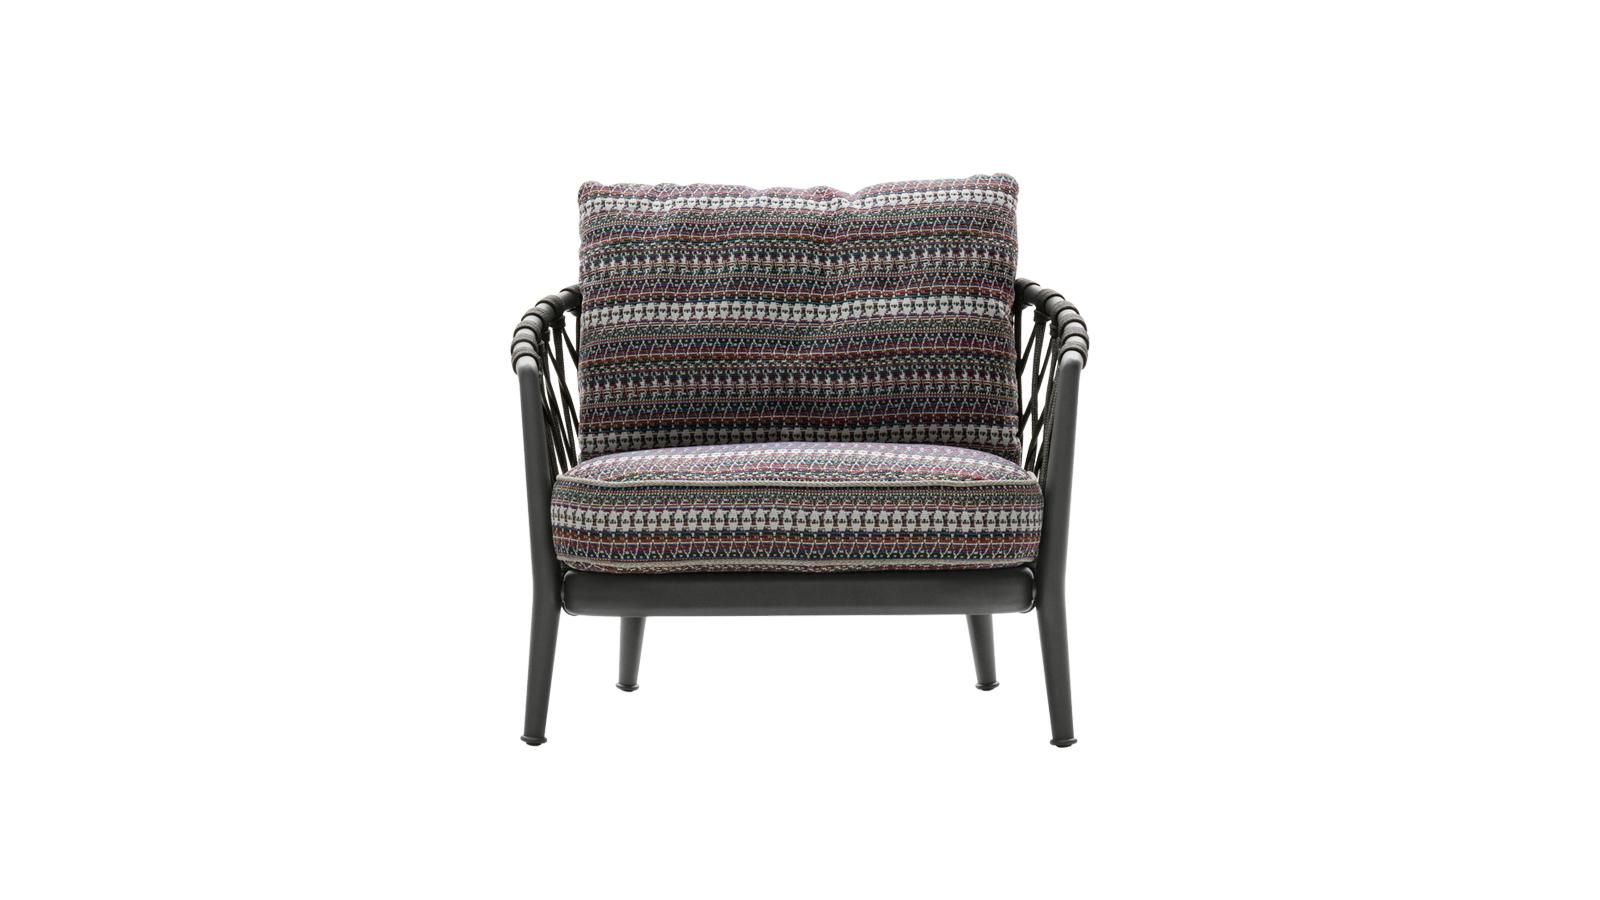 Könnyed alumínium váz, mely három színben is elérhető, polipropilén háló és rendkívül kényelmes ülő- és háttámlapárnák: az Erica kültéri fotele egy minden részletében jól átgondolt darab. Antonio Citterio alkotása egy nagyobb kollekció része, melyhez számos elem tartozik, a rakásolható széktől a kanapéig.